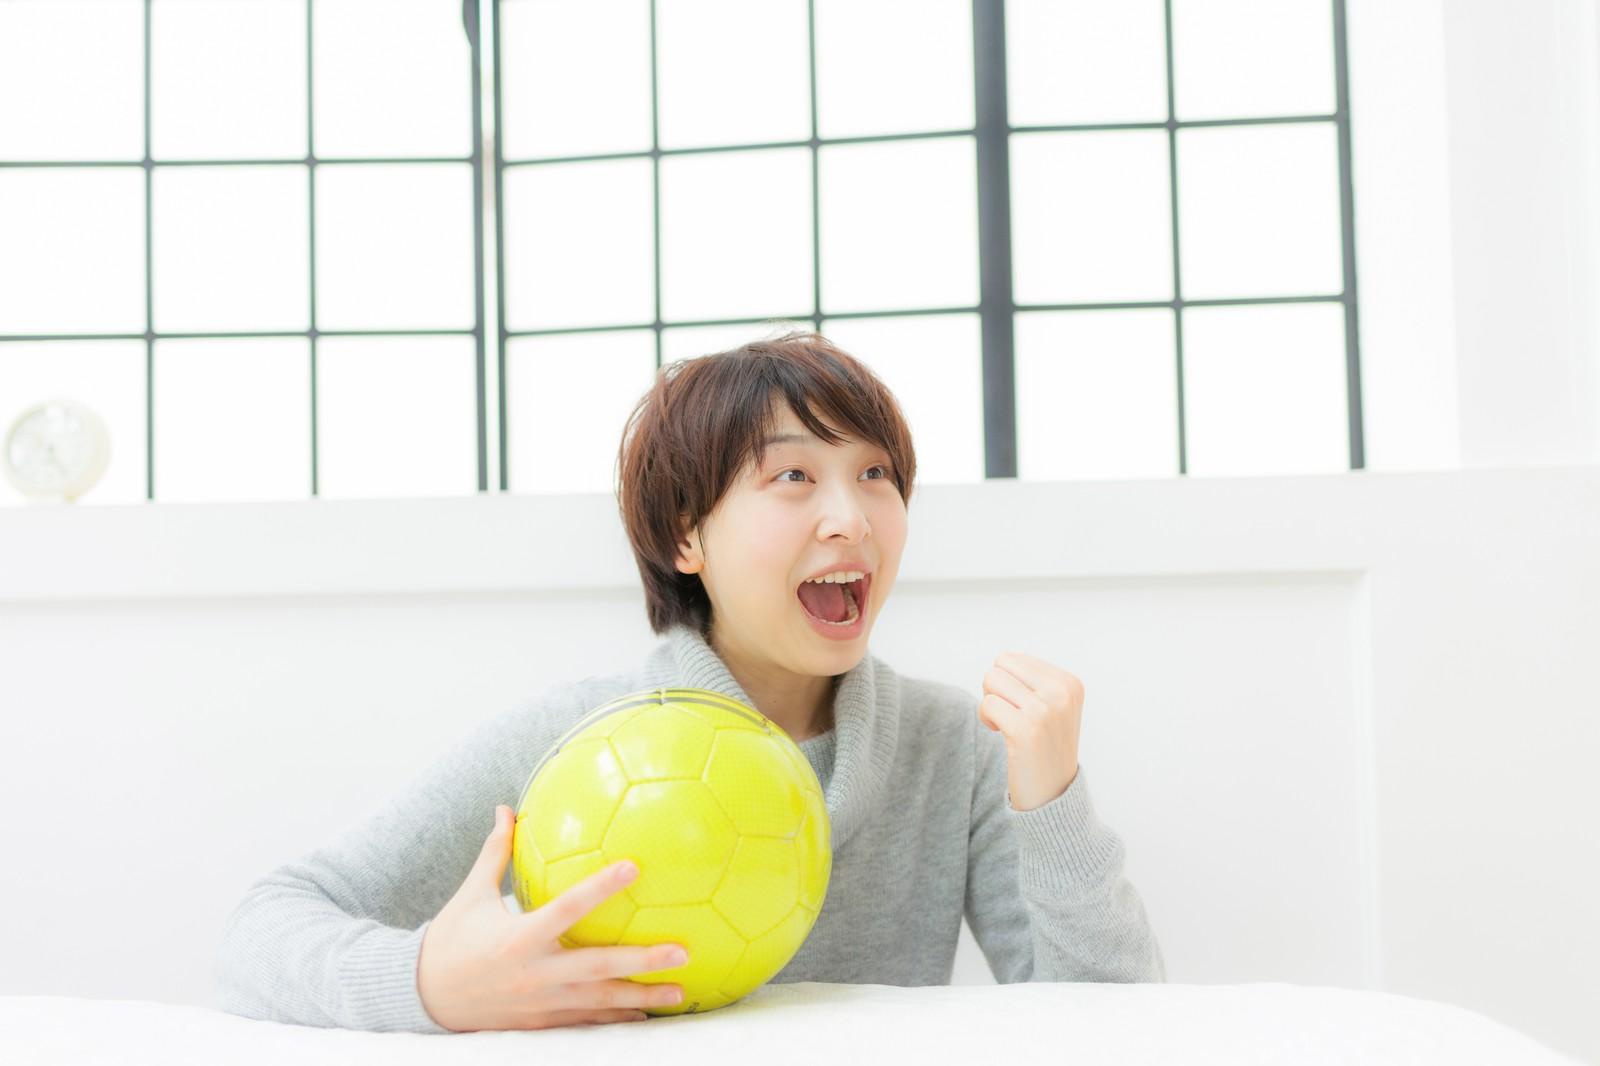 サッカー日本代表の試合をテレビ観戦する女性